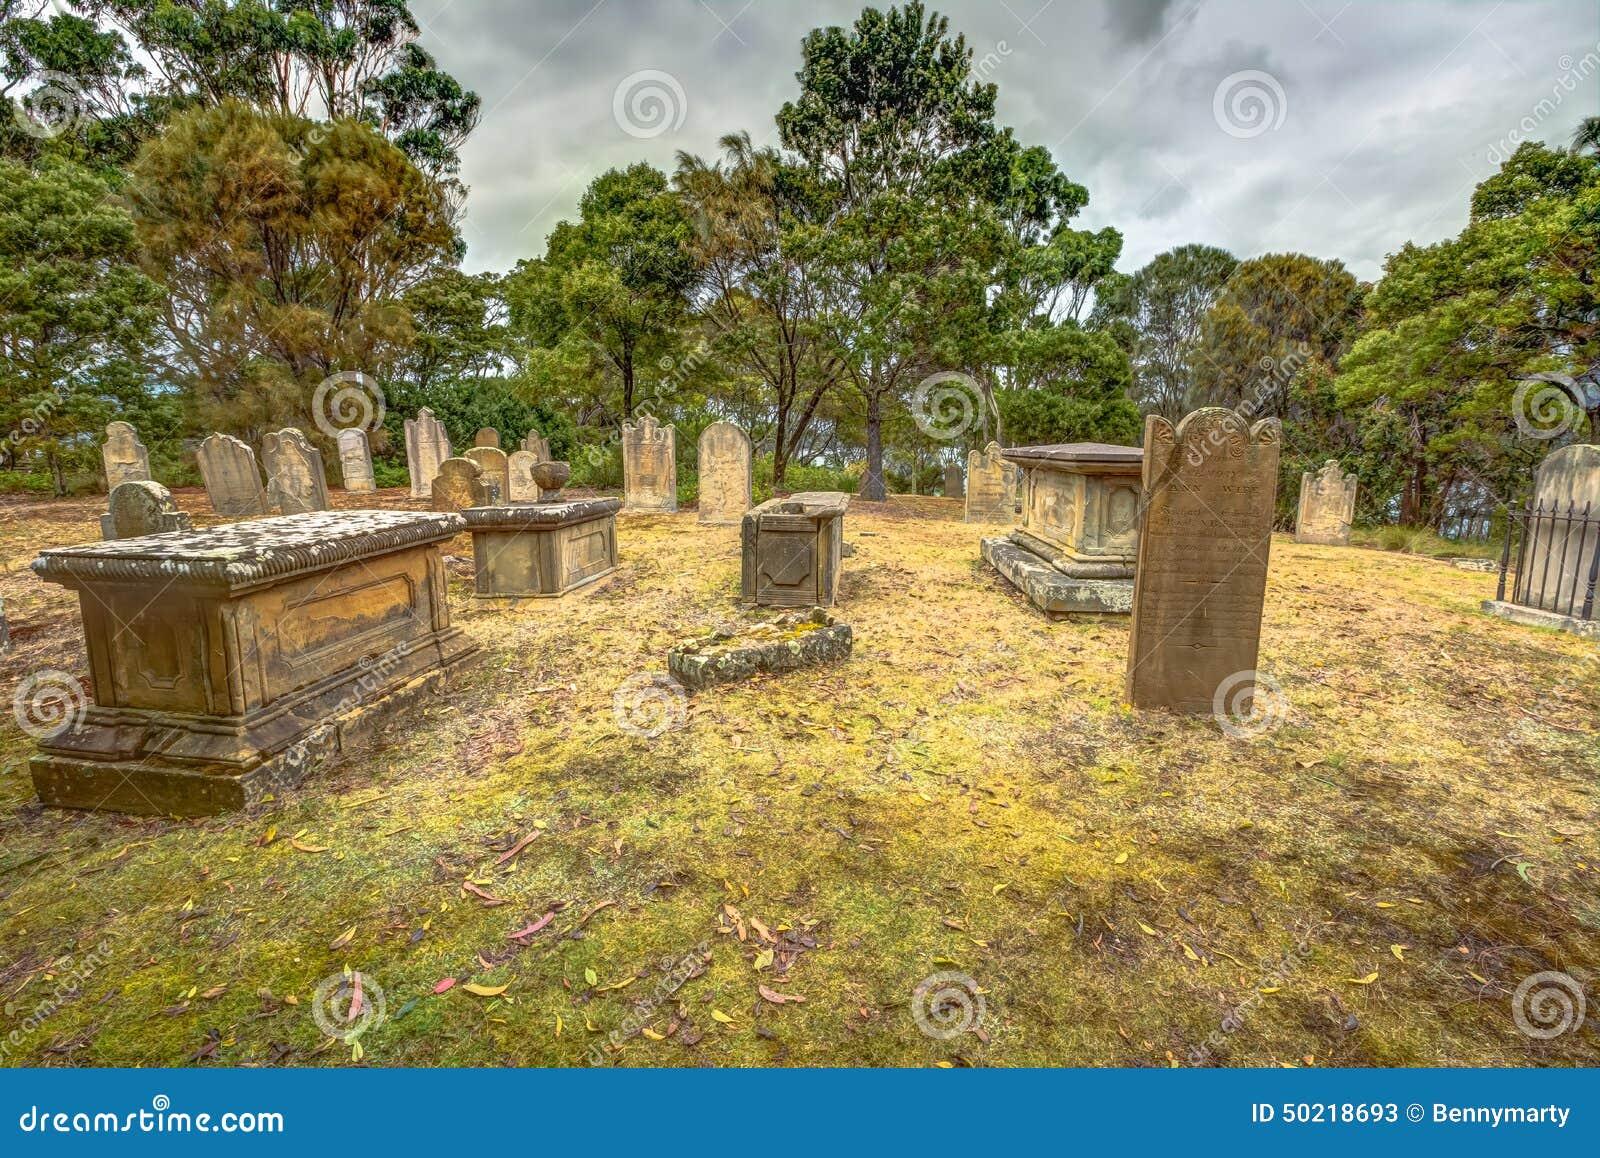 Port Arthur: gamla gravar och gravstenar